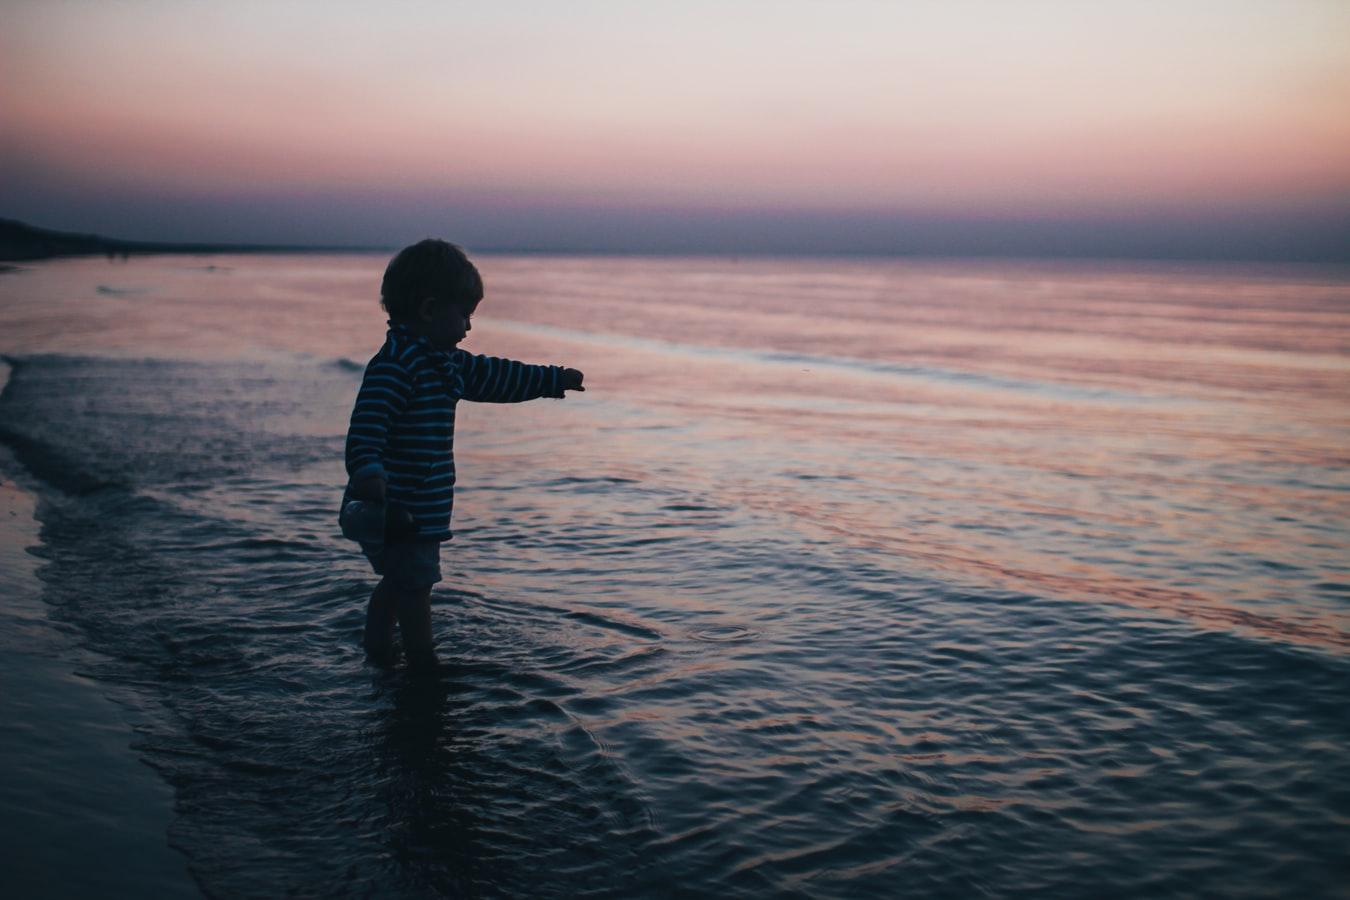 Βάφτιση στη θάλασσα: Όσα πρέπει να γνωρίζετε αν θέλετε να πρωτοτυπήσετε!